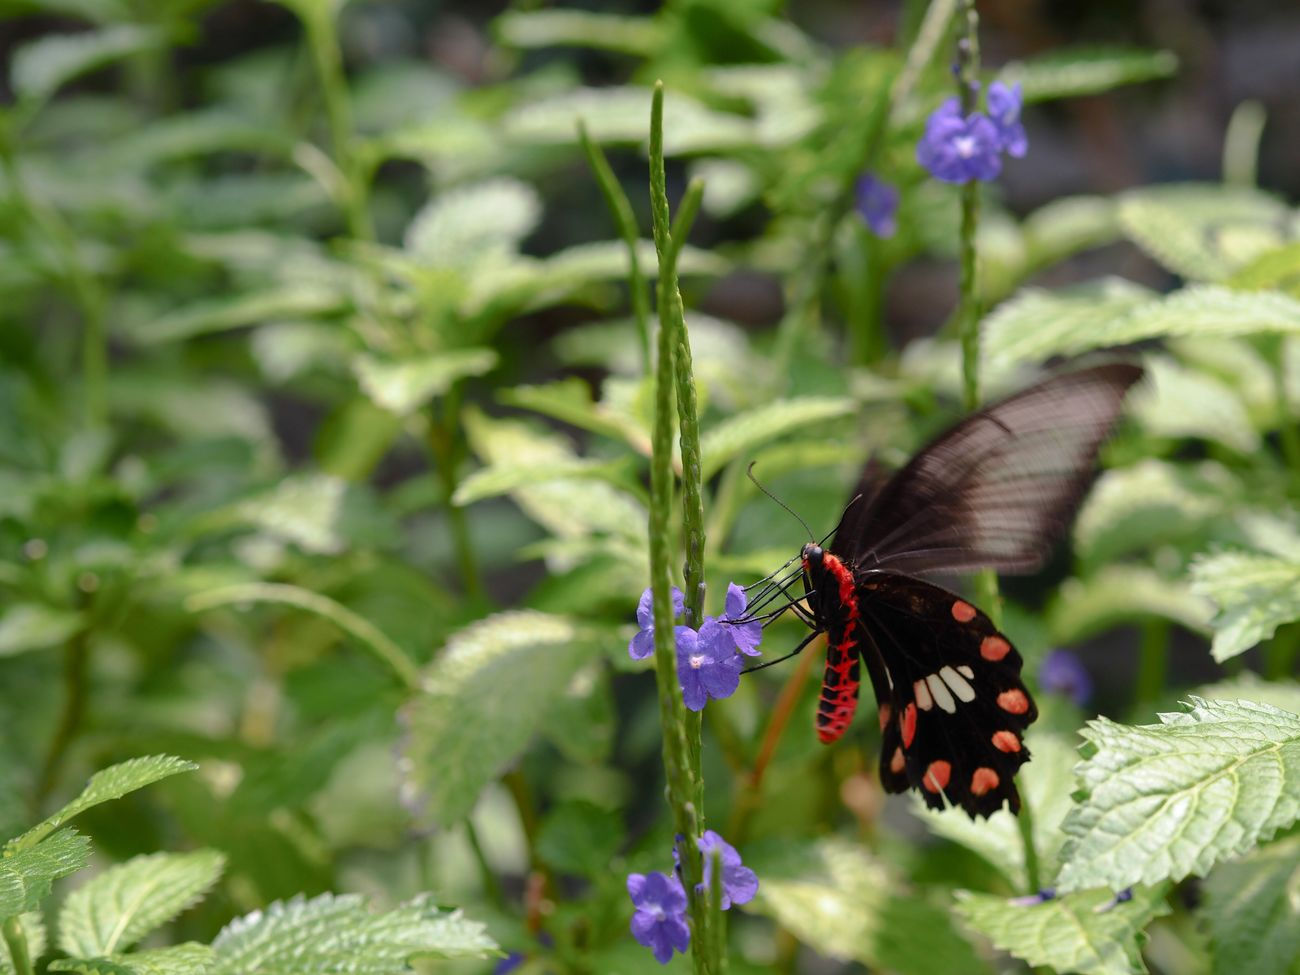 そういえば、まだ勉強始めてないな… Butterfly Butterfly - Insect Insect Flower Plant Fragility Animal Themes One Animal No People Freshness Flower Head Close-up Day Olympus OM-D E-M5 Mk.II